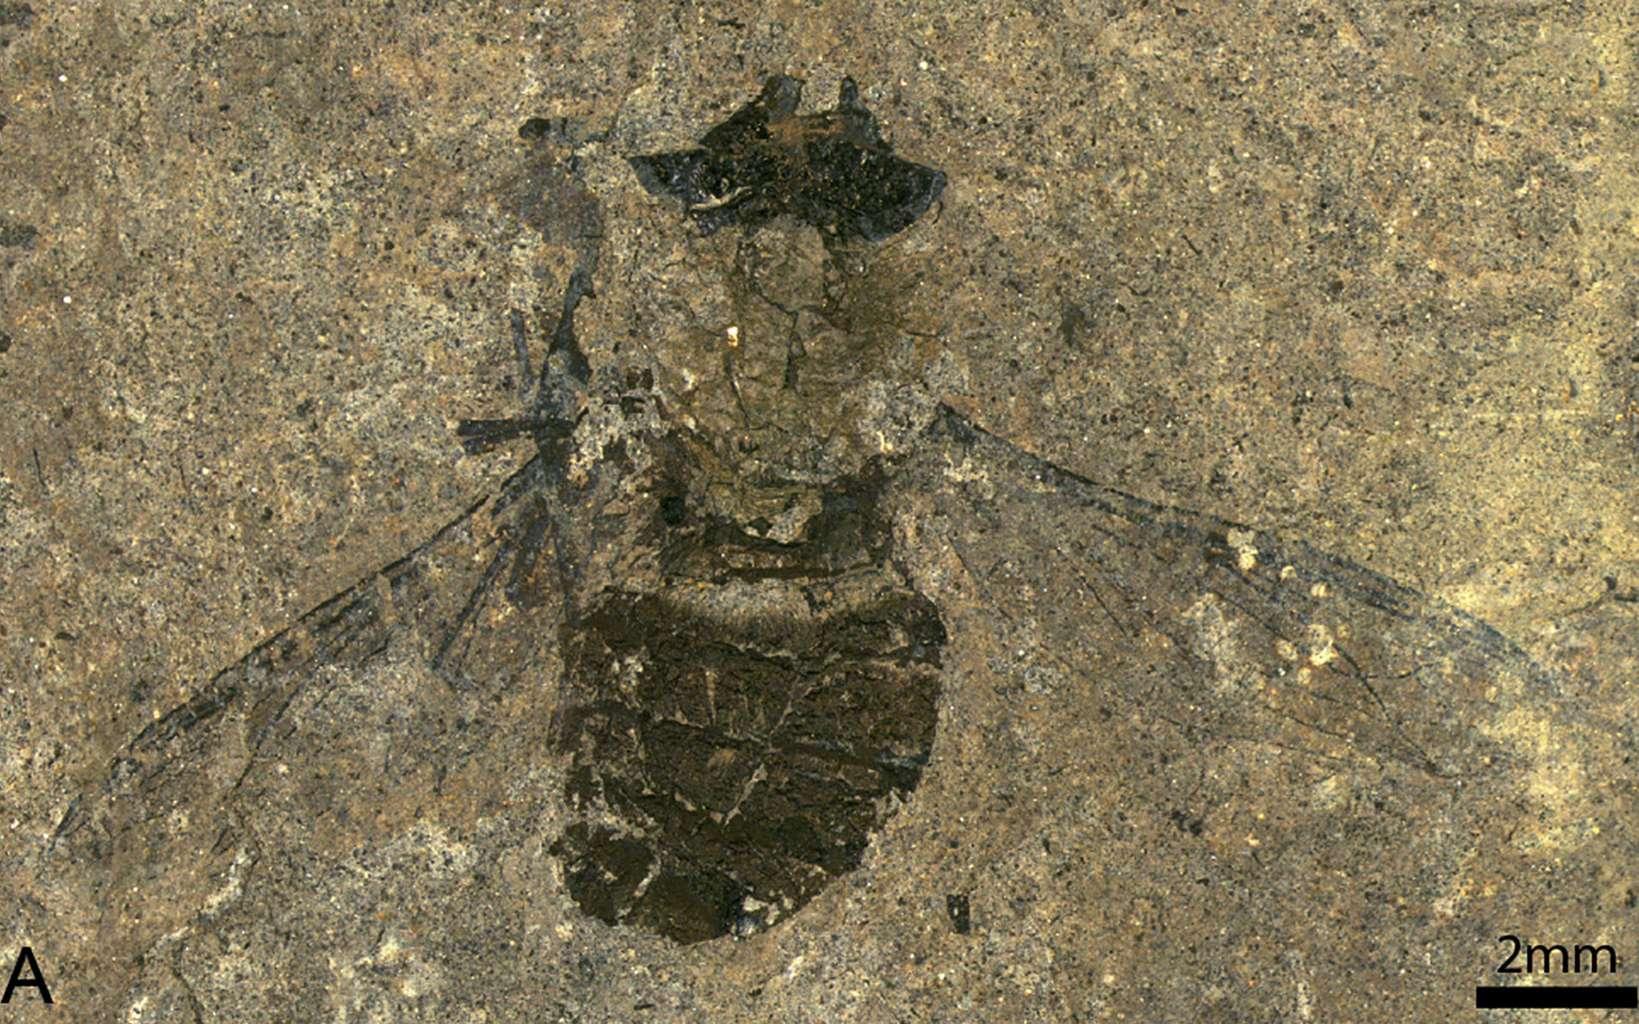 Une mouche Hirmoneura messelen datant de 47 millions d'années. © Sonja Wedmann et al., Current Biology, 2021